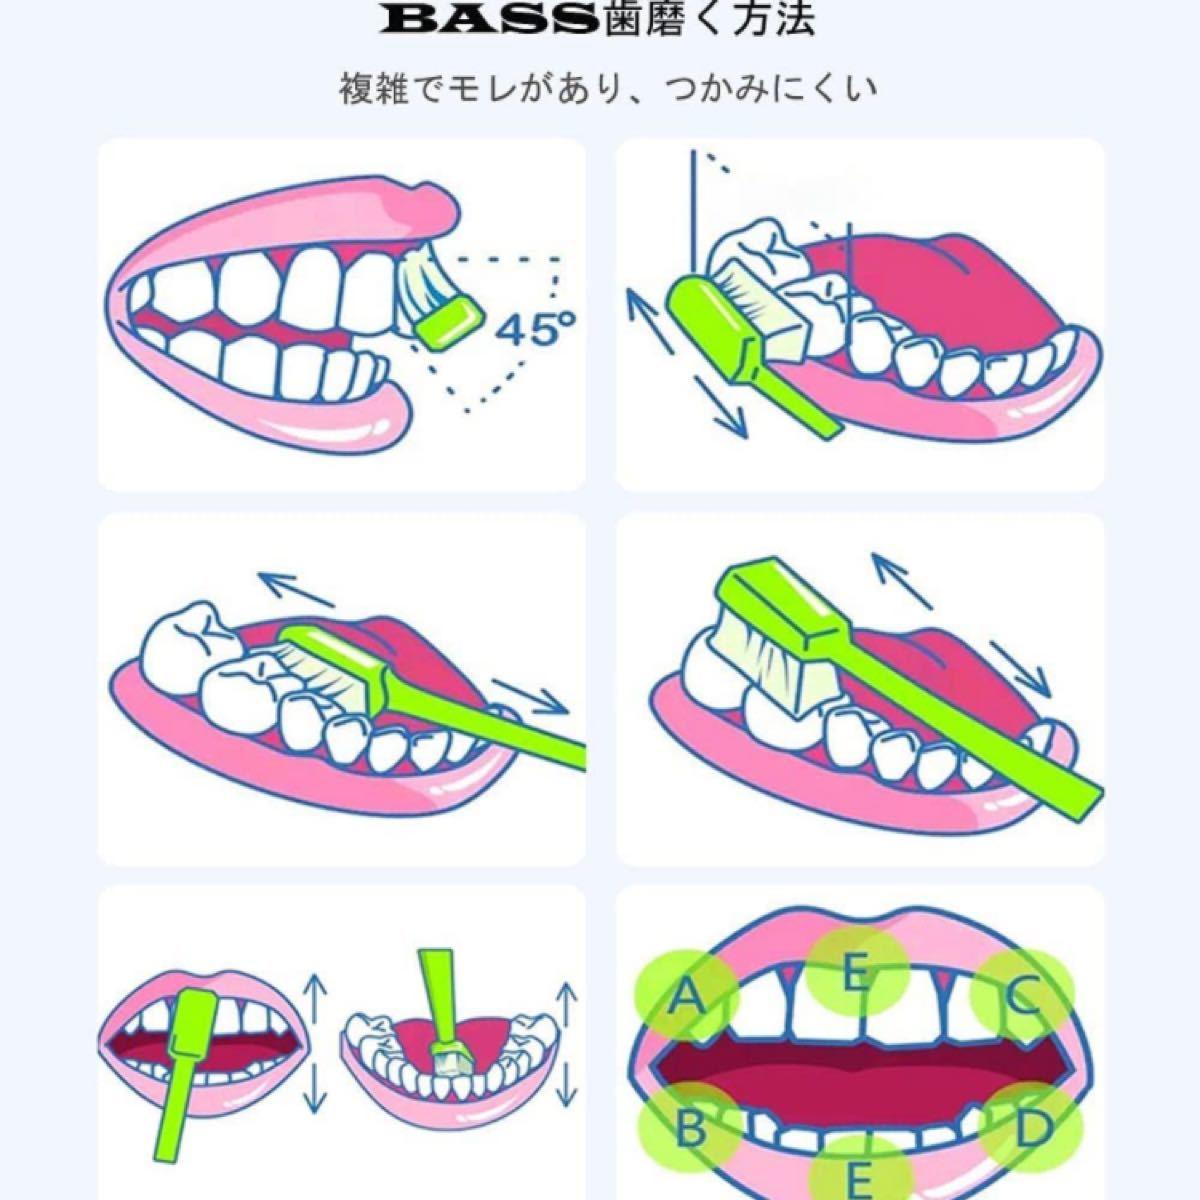 子供用電動歯ブラシ 音波振動歯 ブラシ IPX7防水 ワイヤレス充電360°U型